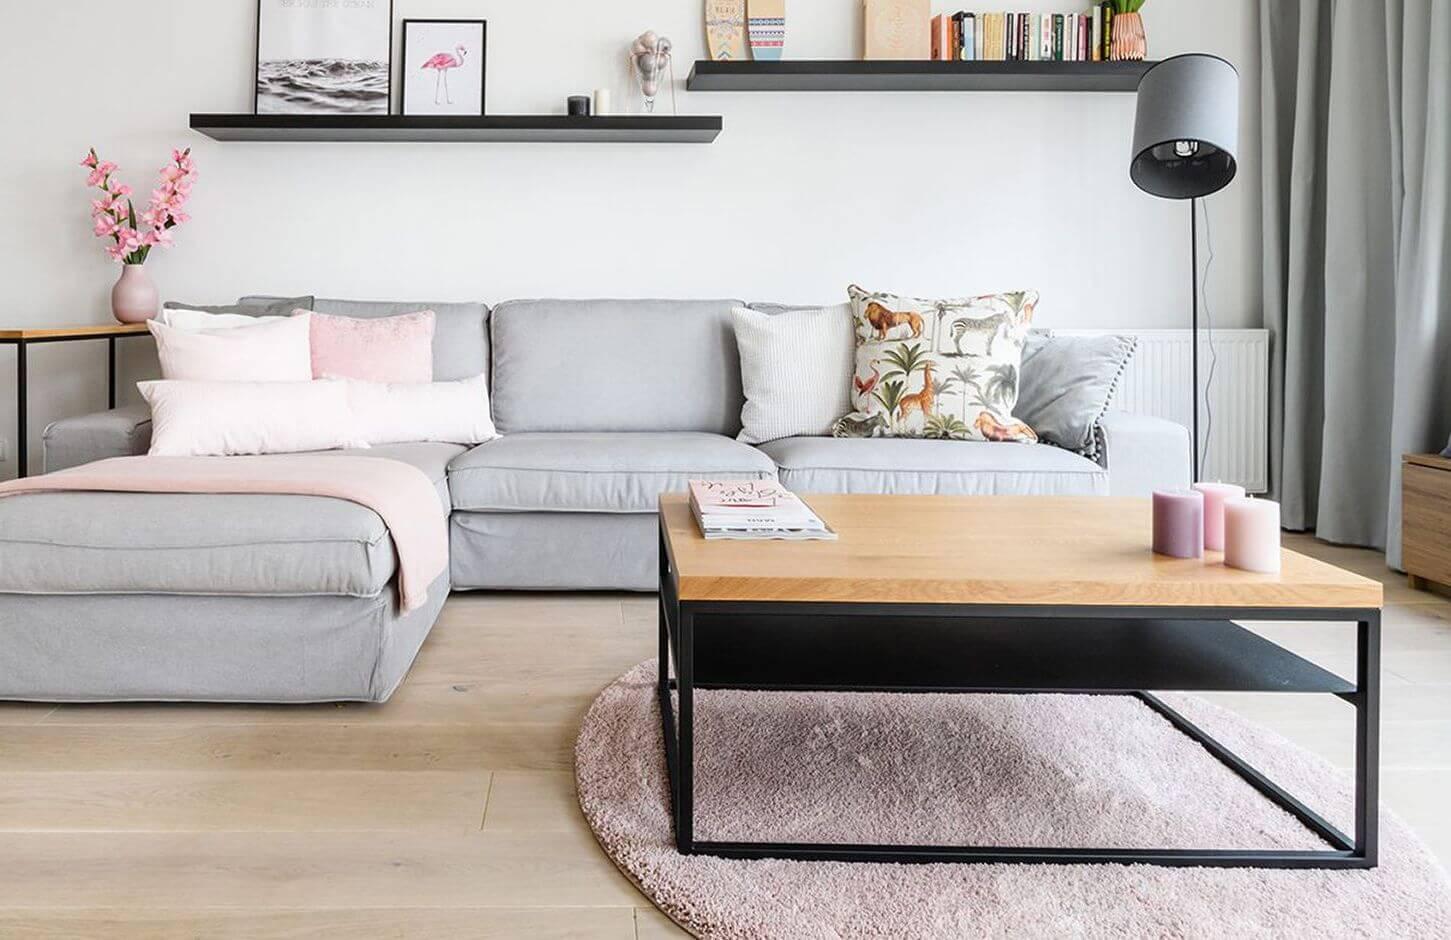 stolik w stylu skandynawskim - take me HOME